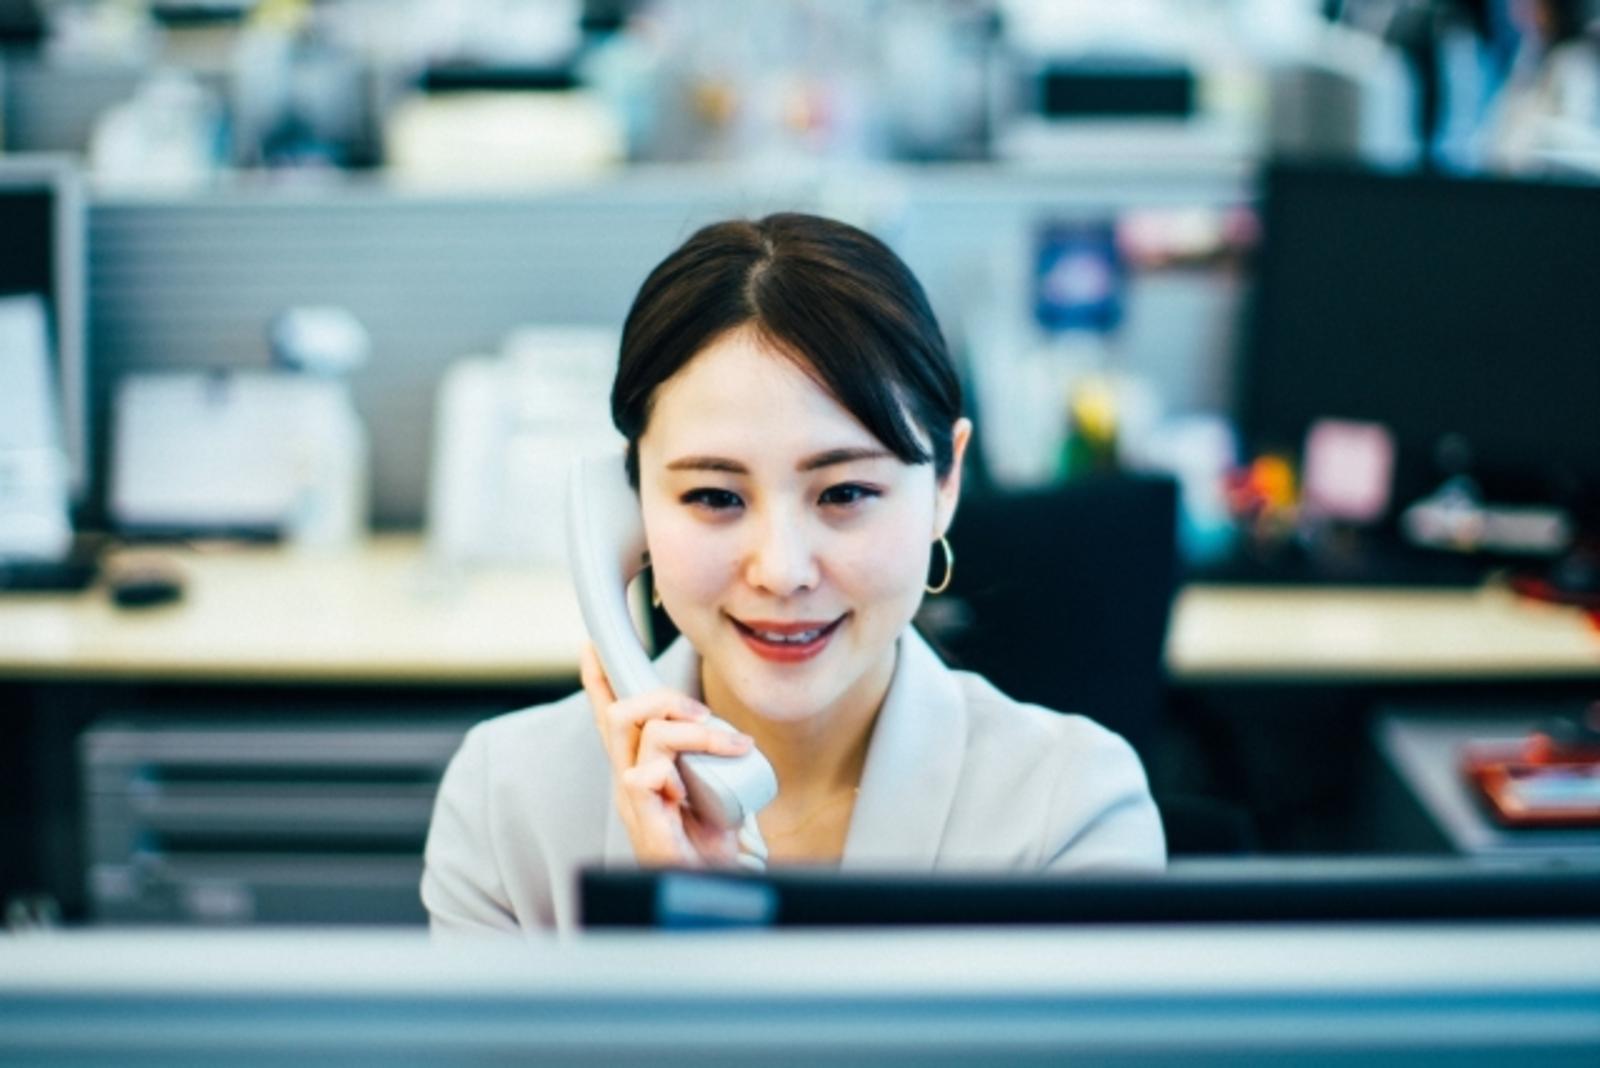 職場で電話をしている女性の画像